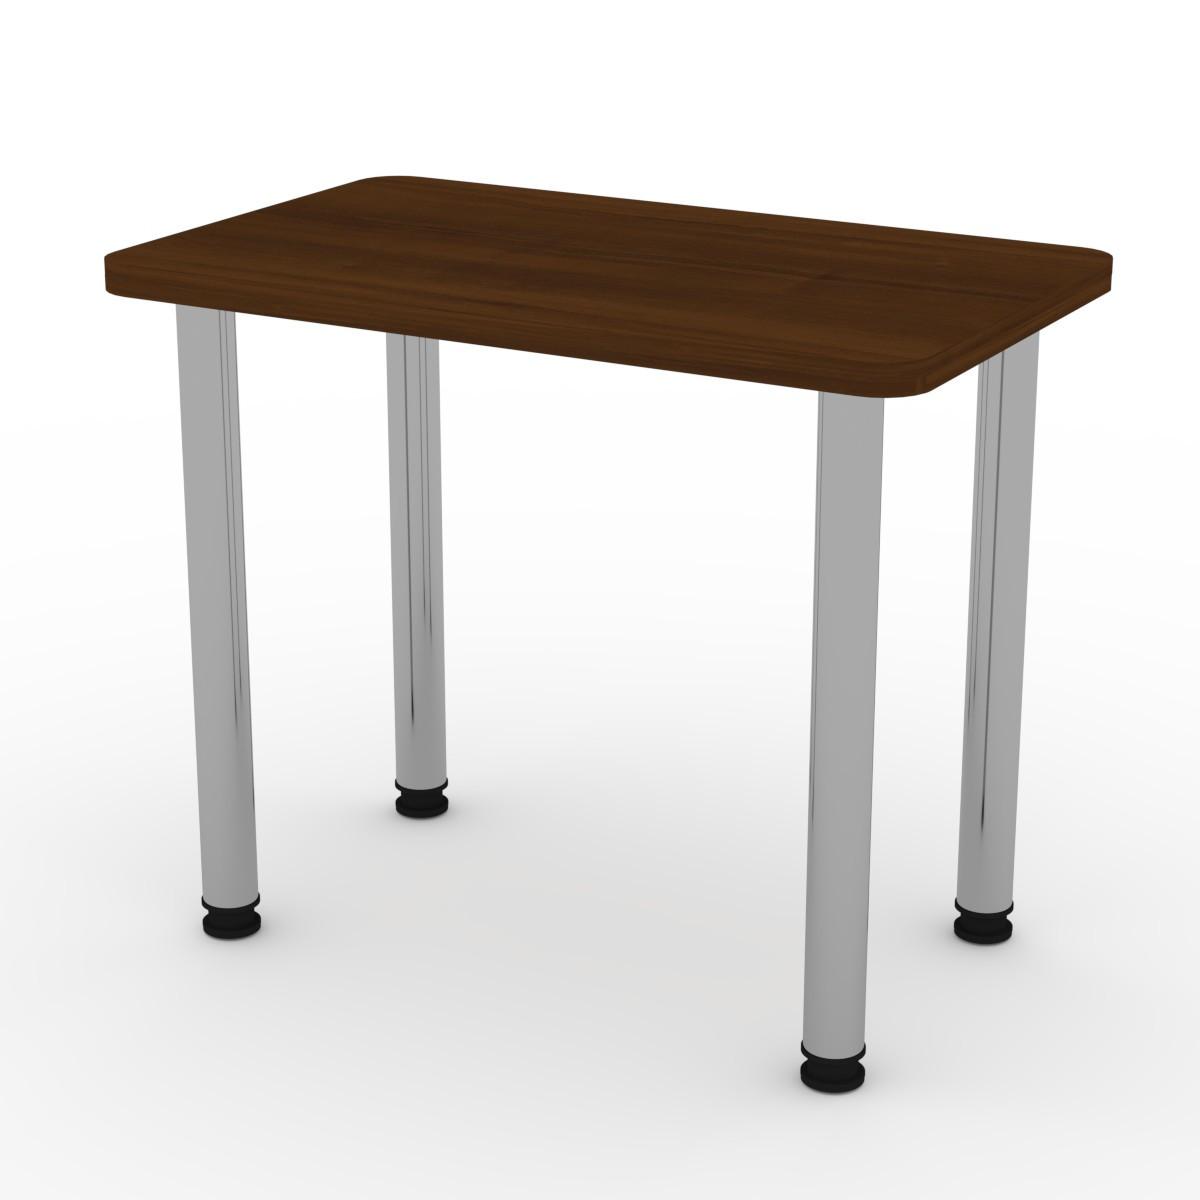 Стол кухонный КС-9 орех экко Компанит (90х55х73 см)